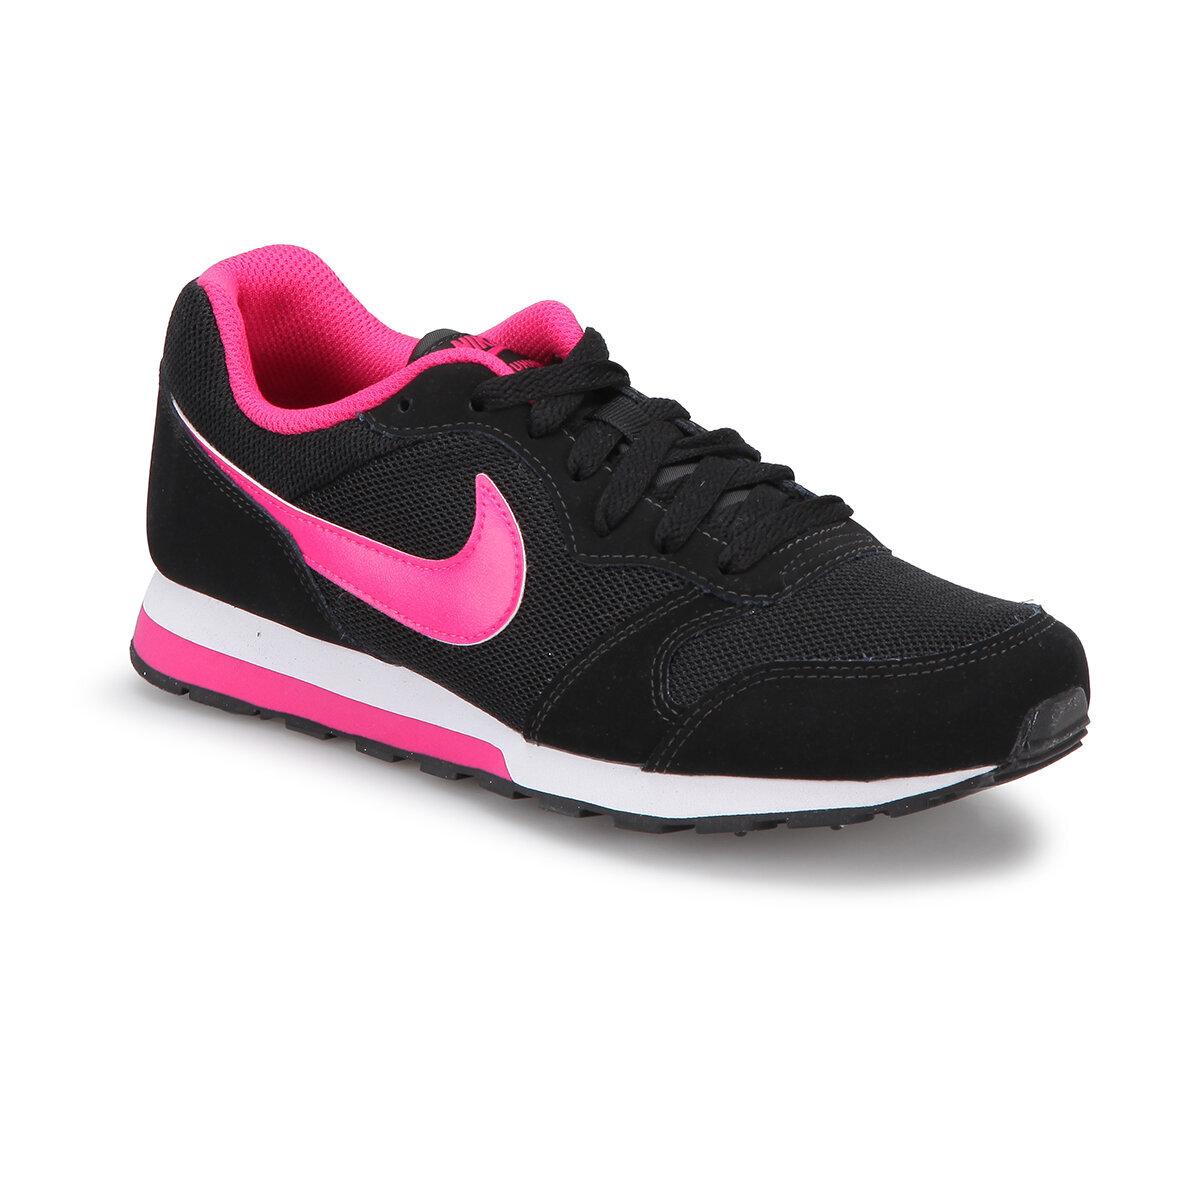 SIYAH Kız Çocuk Sneaker Ayakkabı MD RUNNER 2 (GS)-2